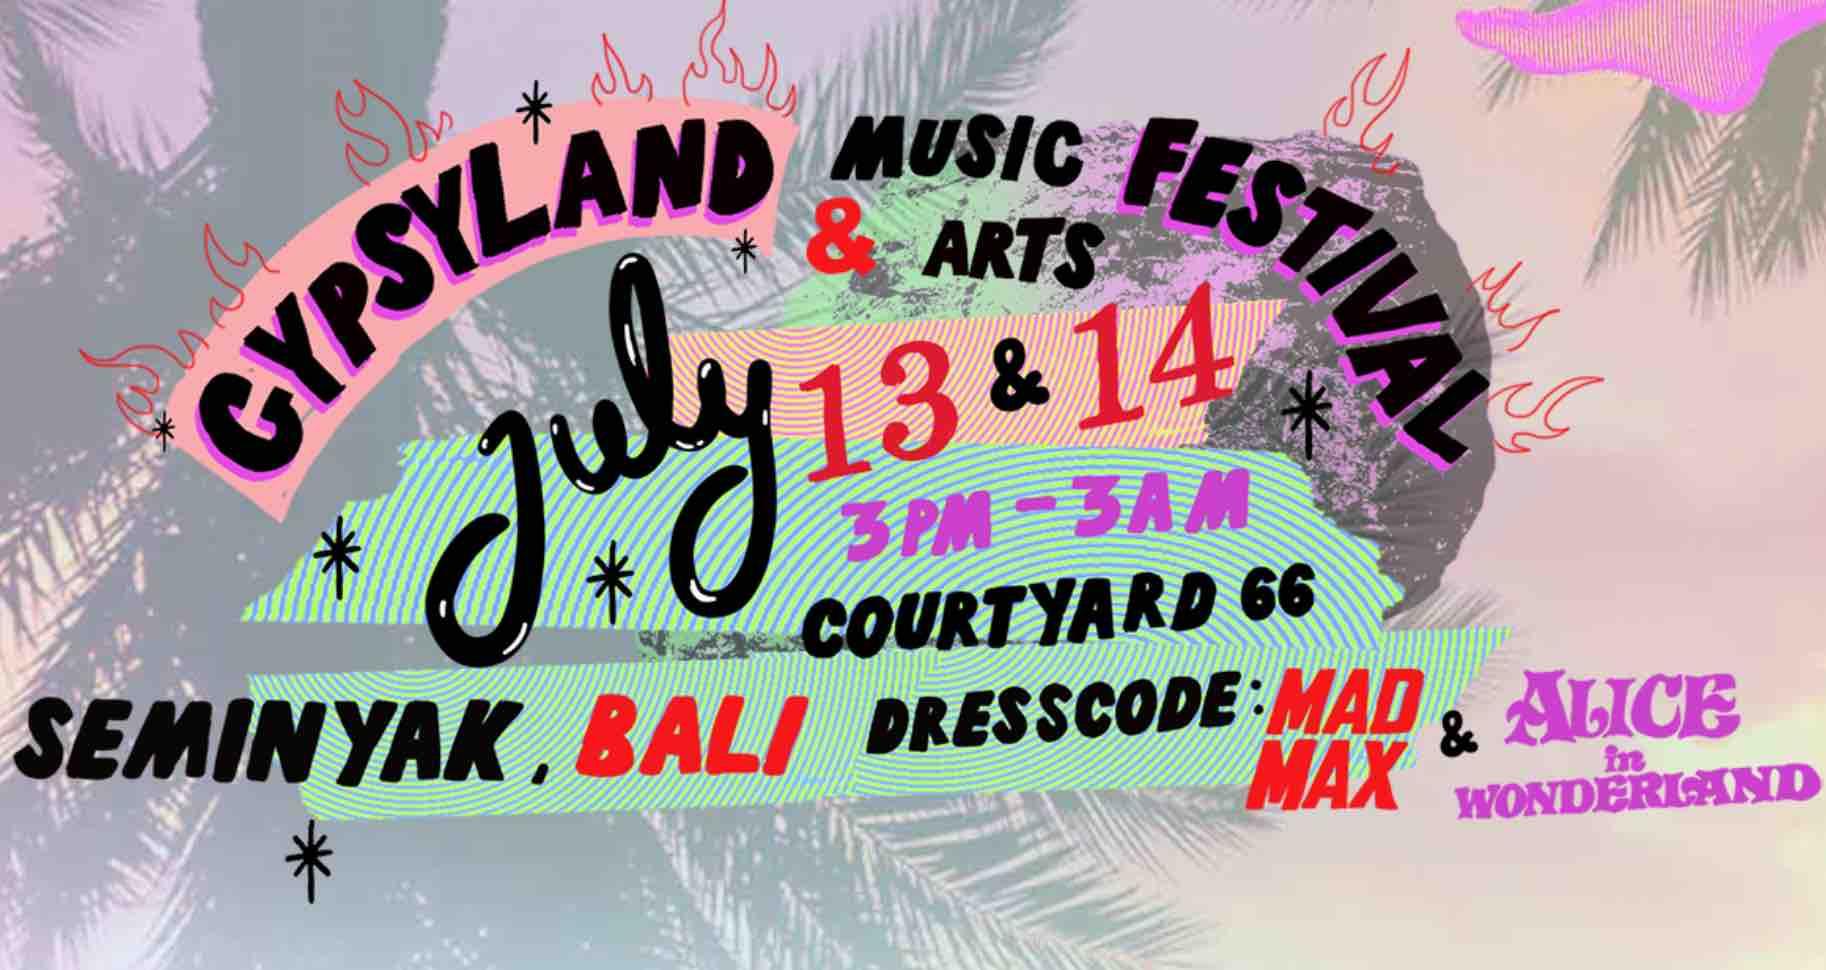 Music Festivals in Bali 2019